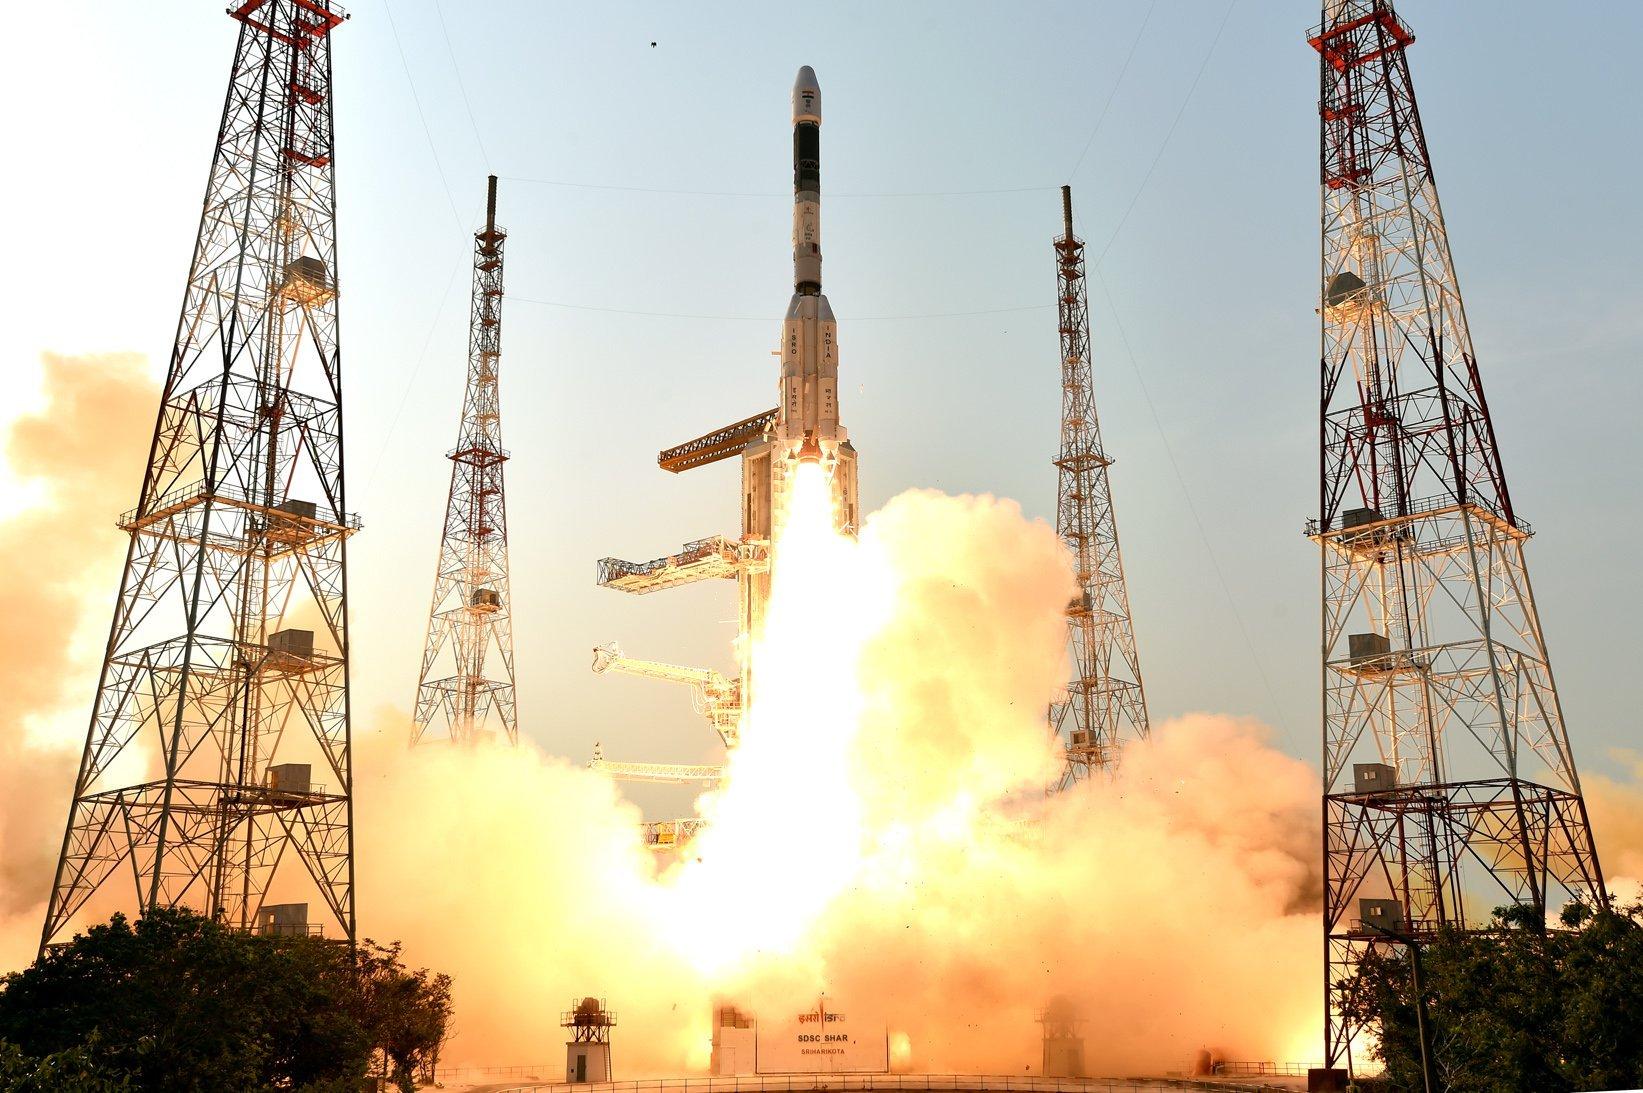 Премьер-министр Индии Нарендра Моди: мы отправим флаг страны в космос в 2022 году